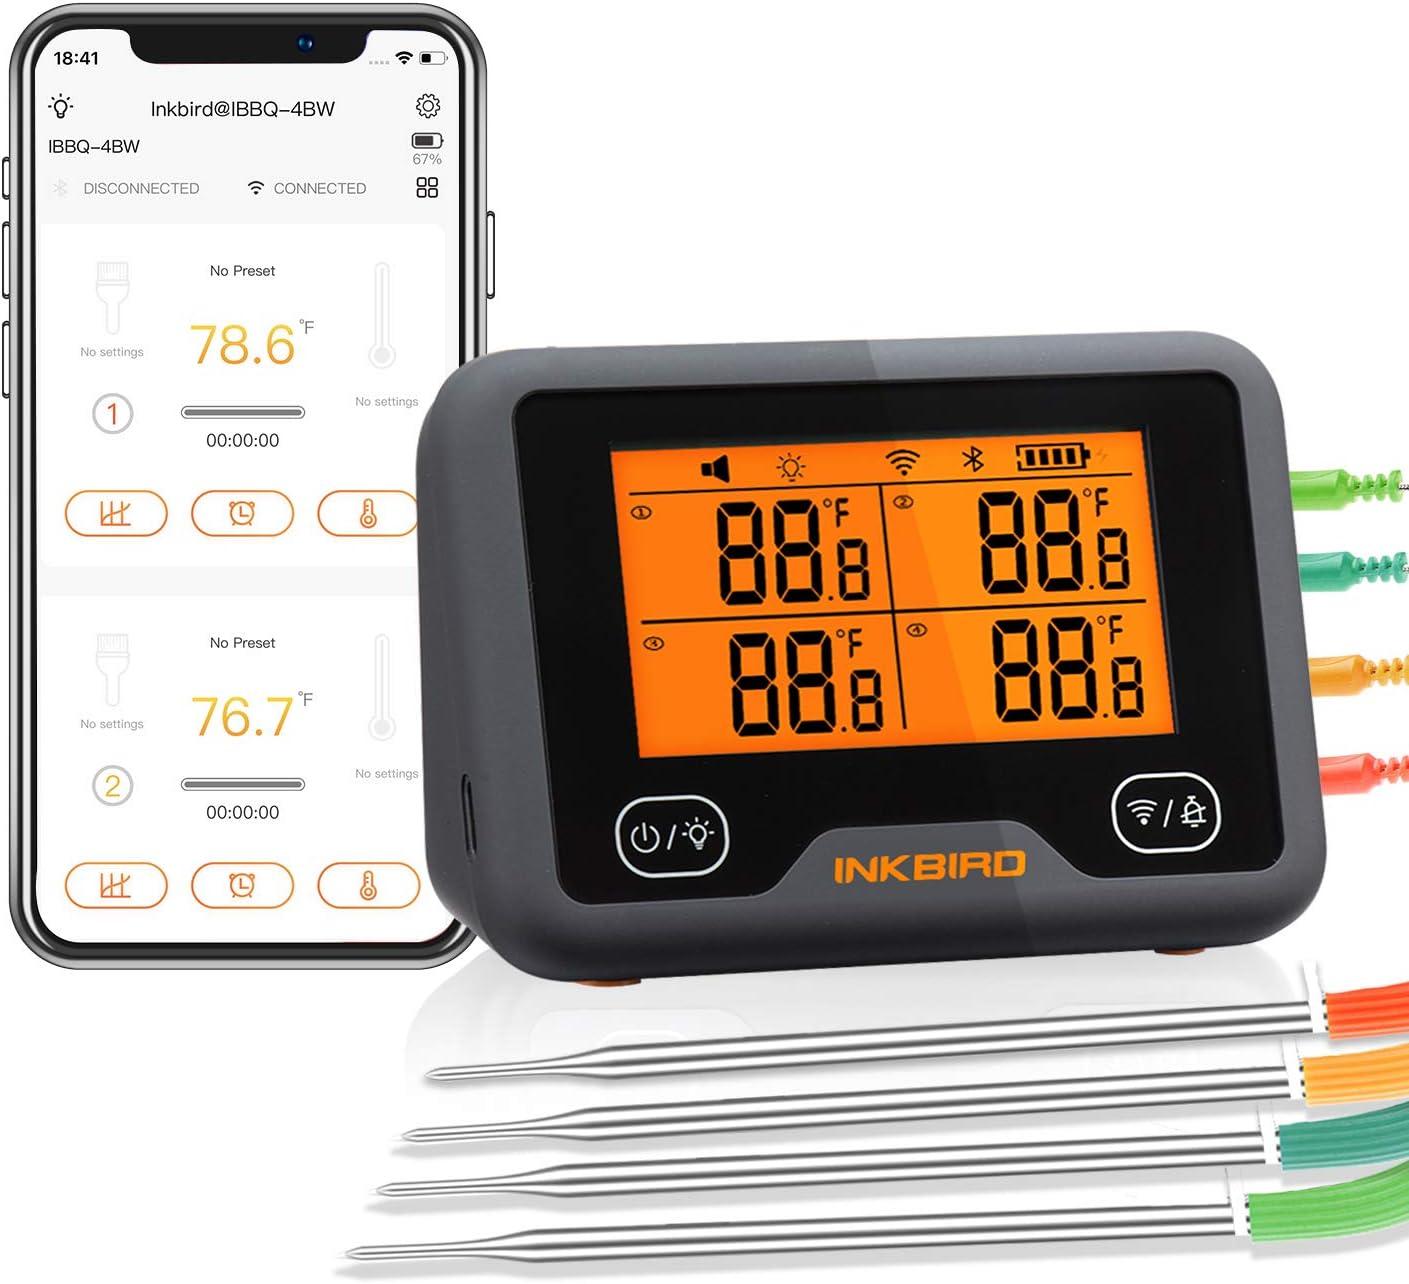 Inkbird IBBQ-4BW Wi-Fi Bluetooth BarbecueThermometer Termómetro inalámbrico recargable para barbacoa con 4 sondas Temp Gráfico Calibración Temporizador Alarma Termómetro digital para carne